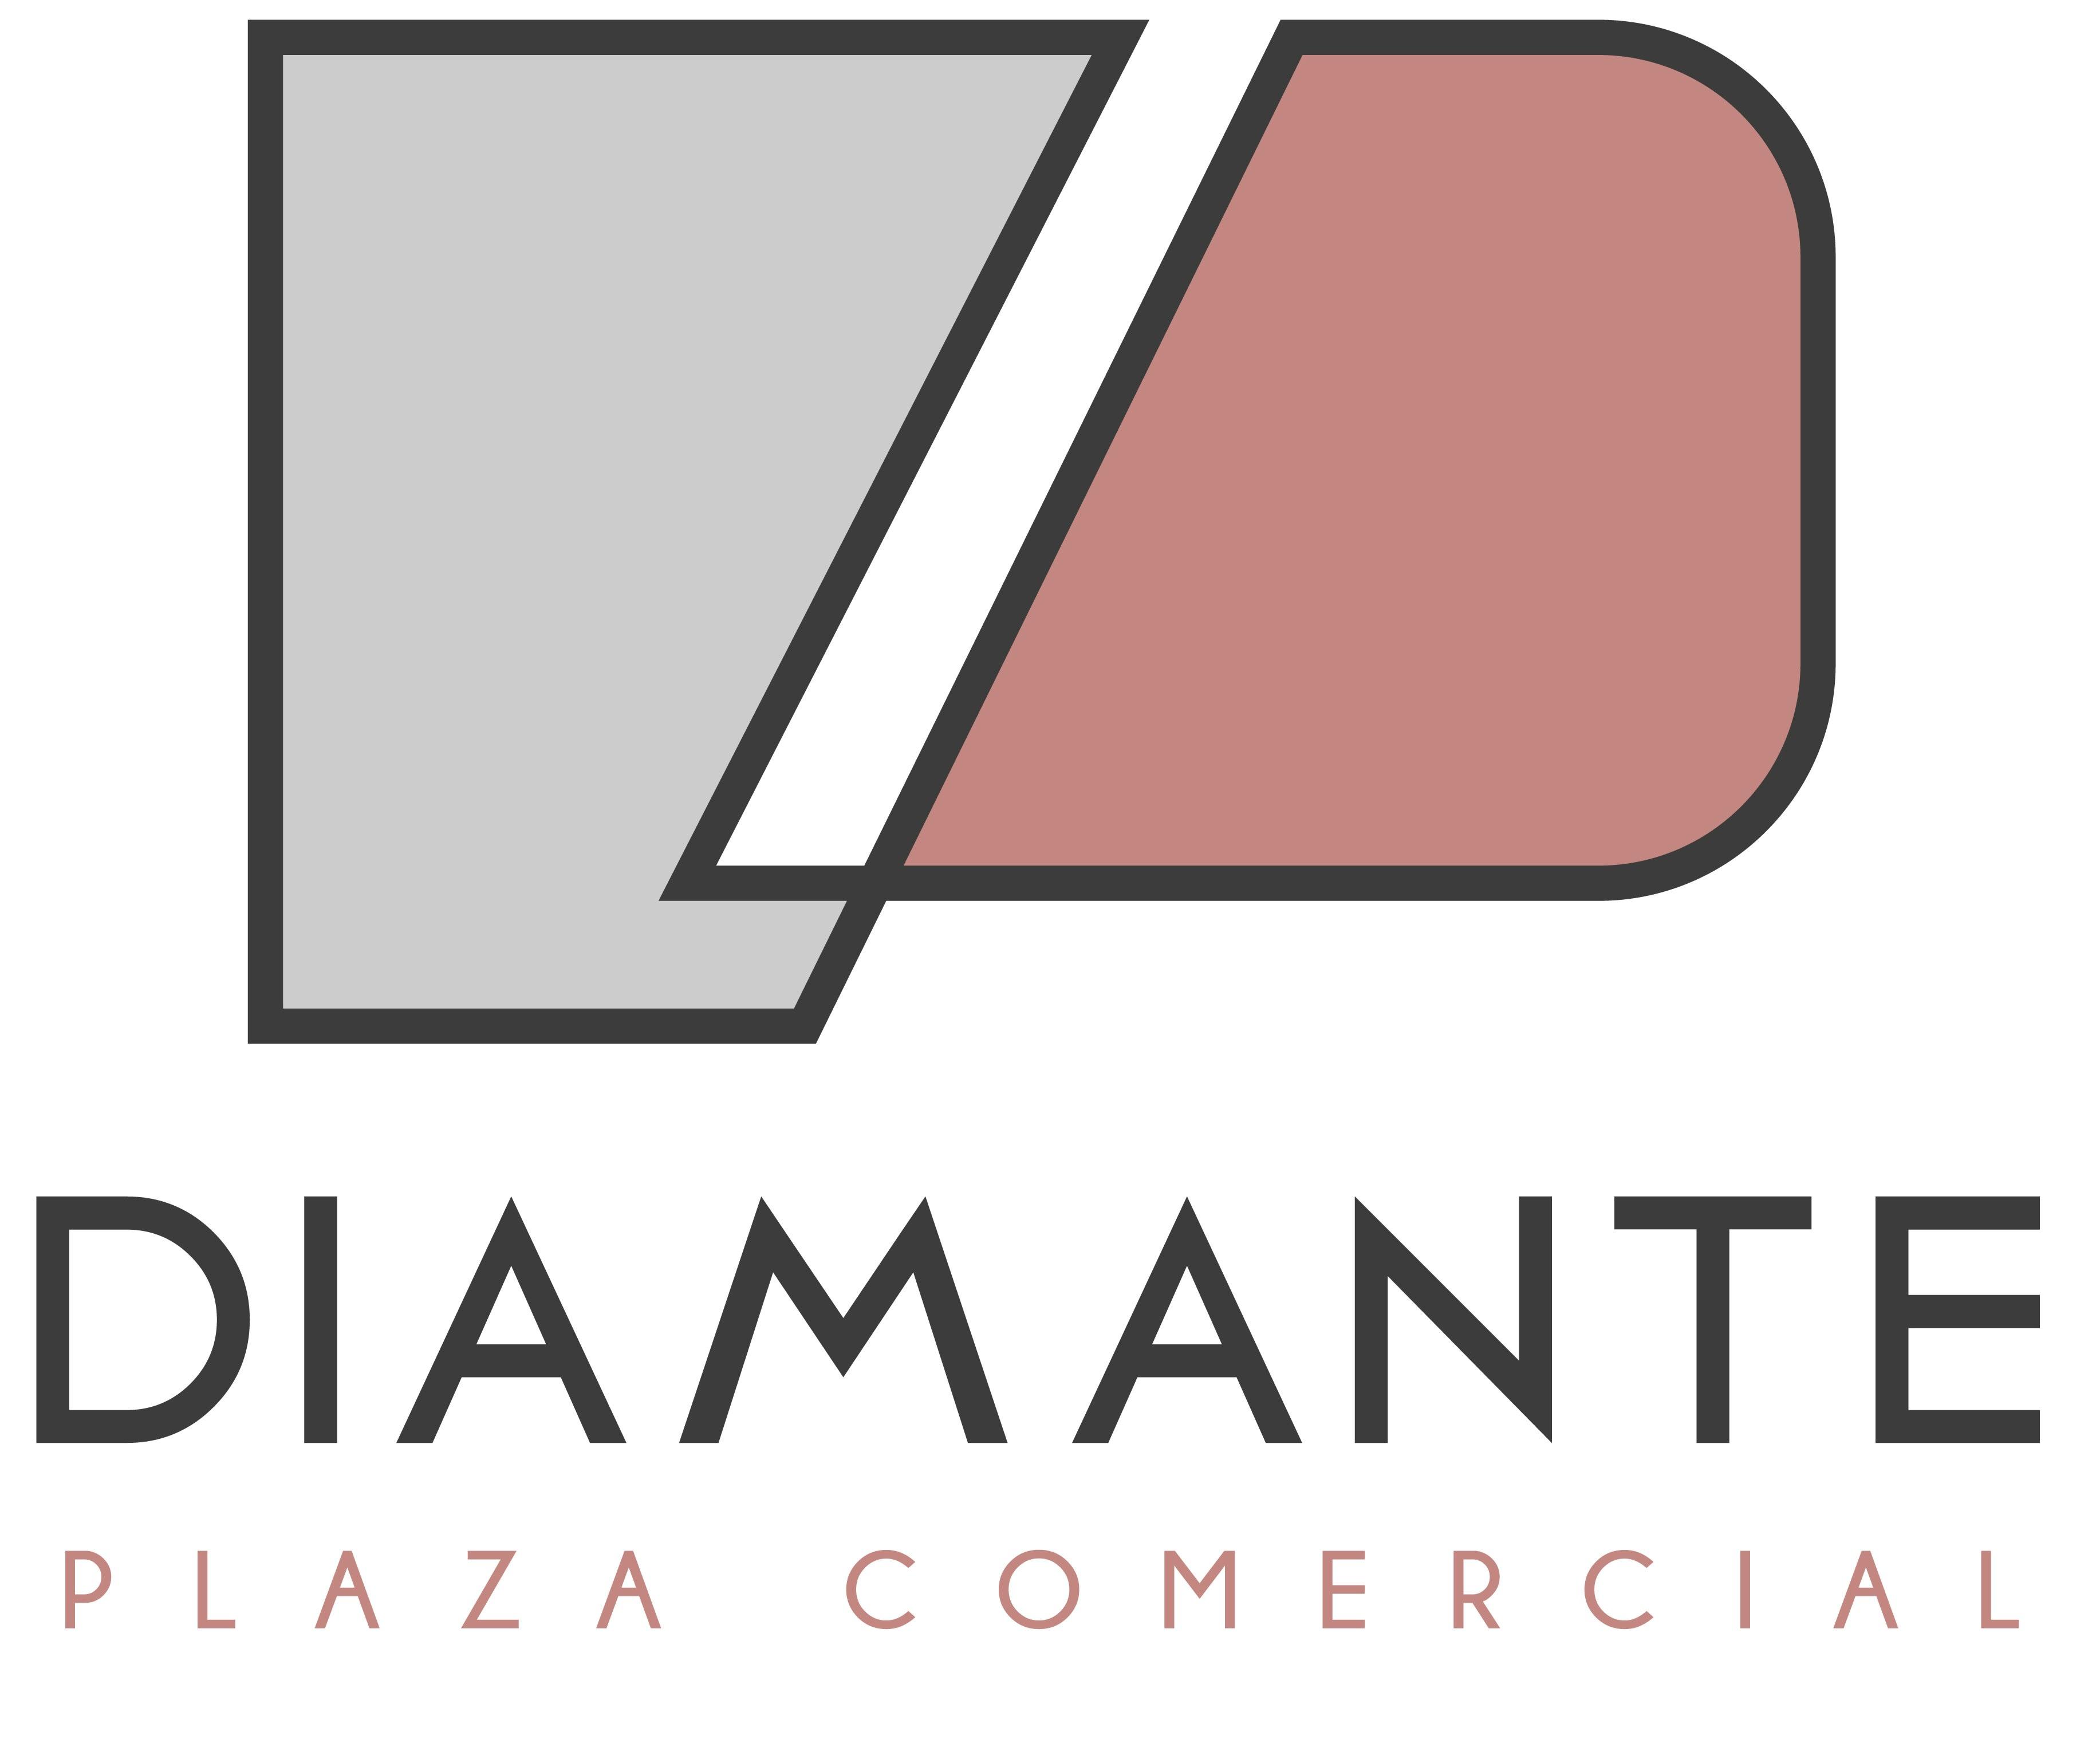 Plaza Comercial Diamante